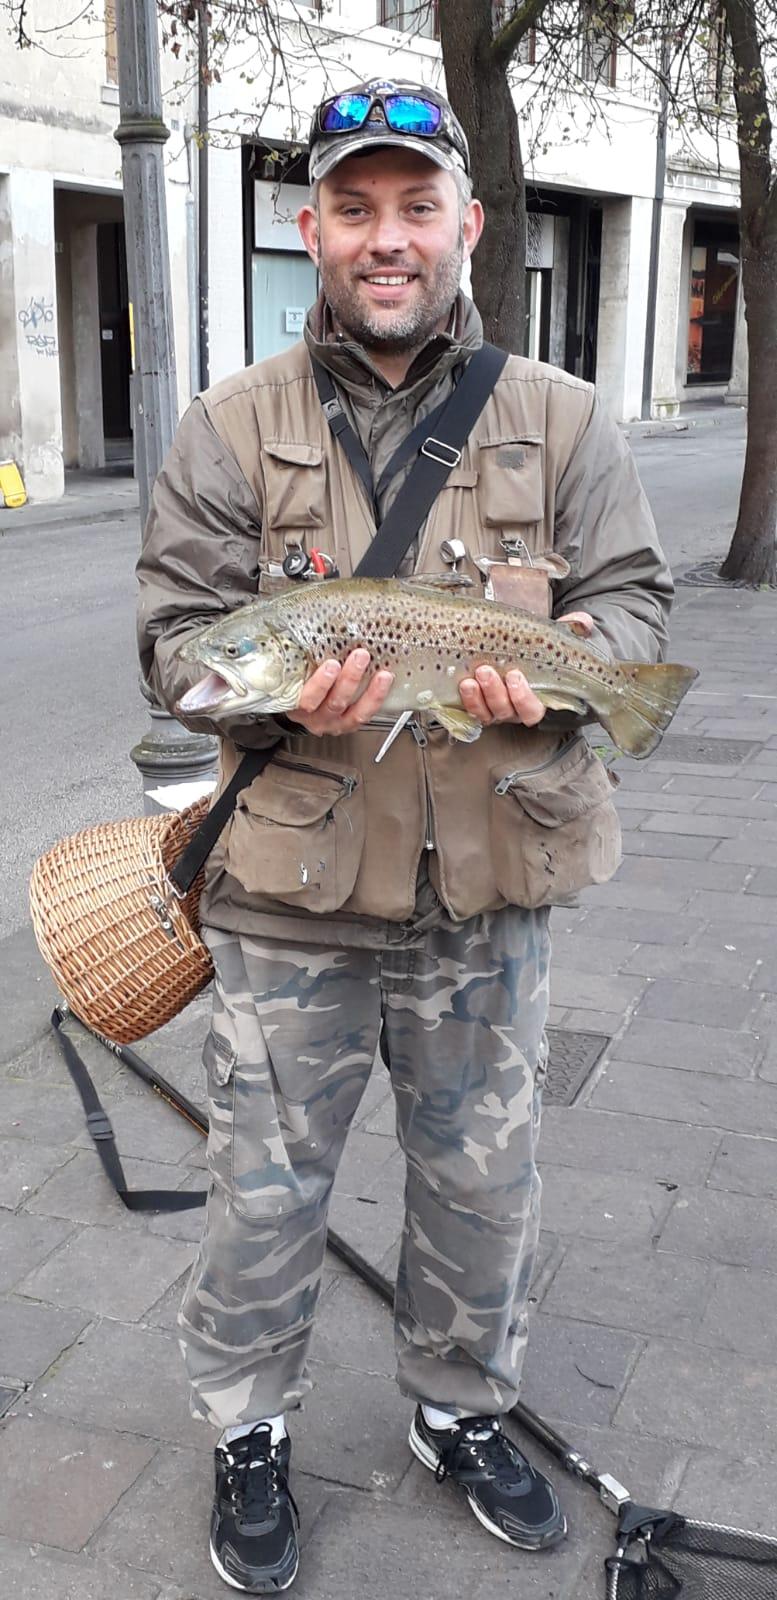 Socio Christian Ziliotto Ha carrurato e rilasciato Trota Fario da 52 cm in Zona 2 con il pesciolino siliconico. Peso stimato 2,4 KG.